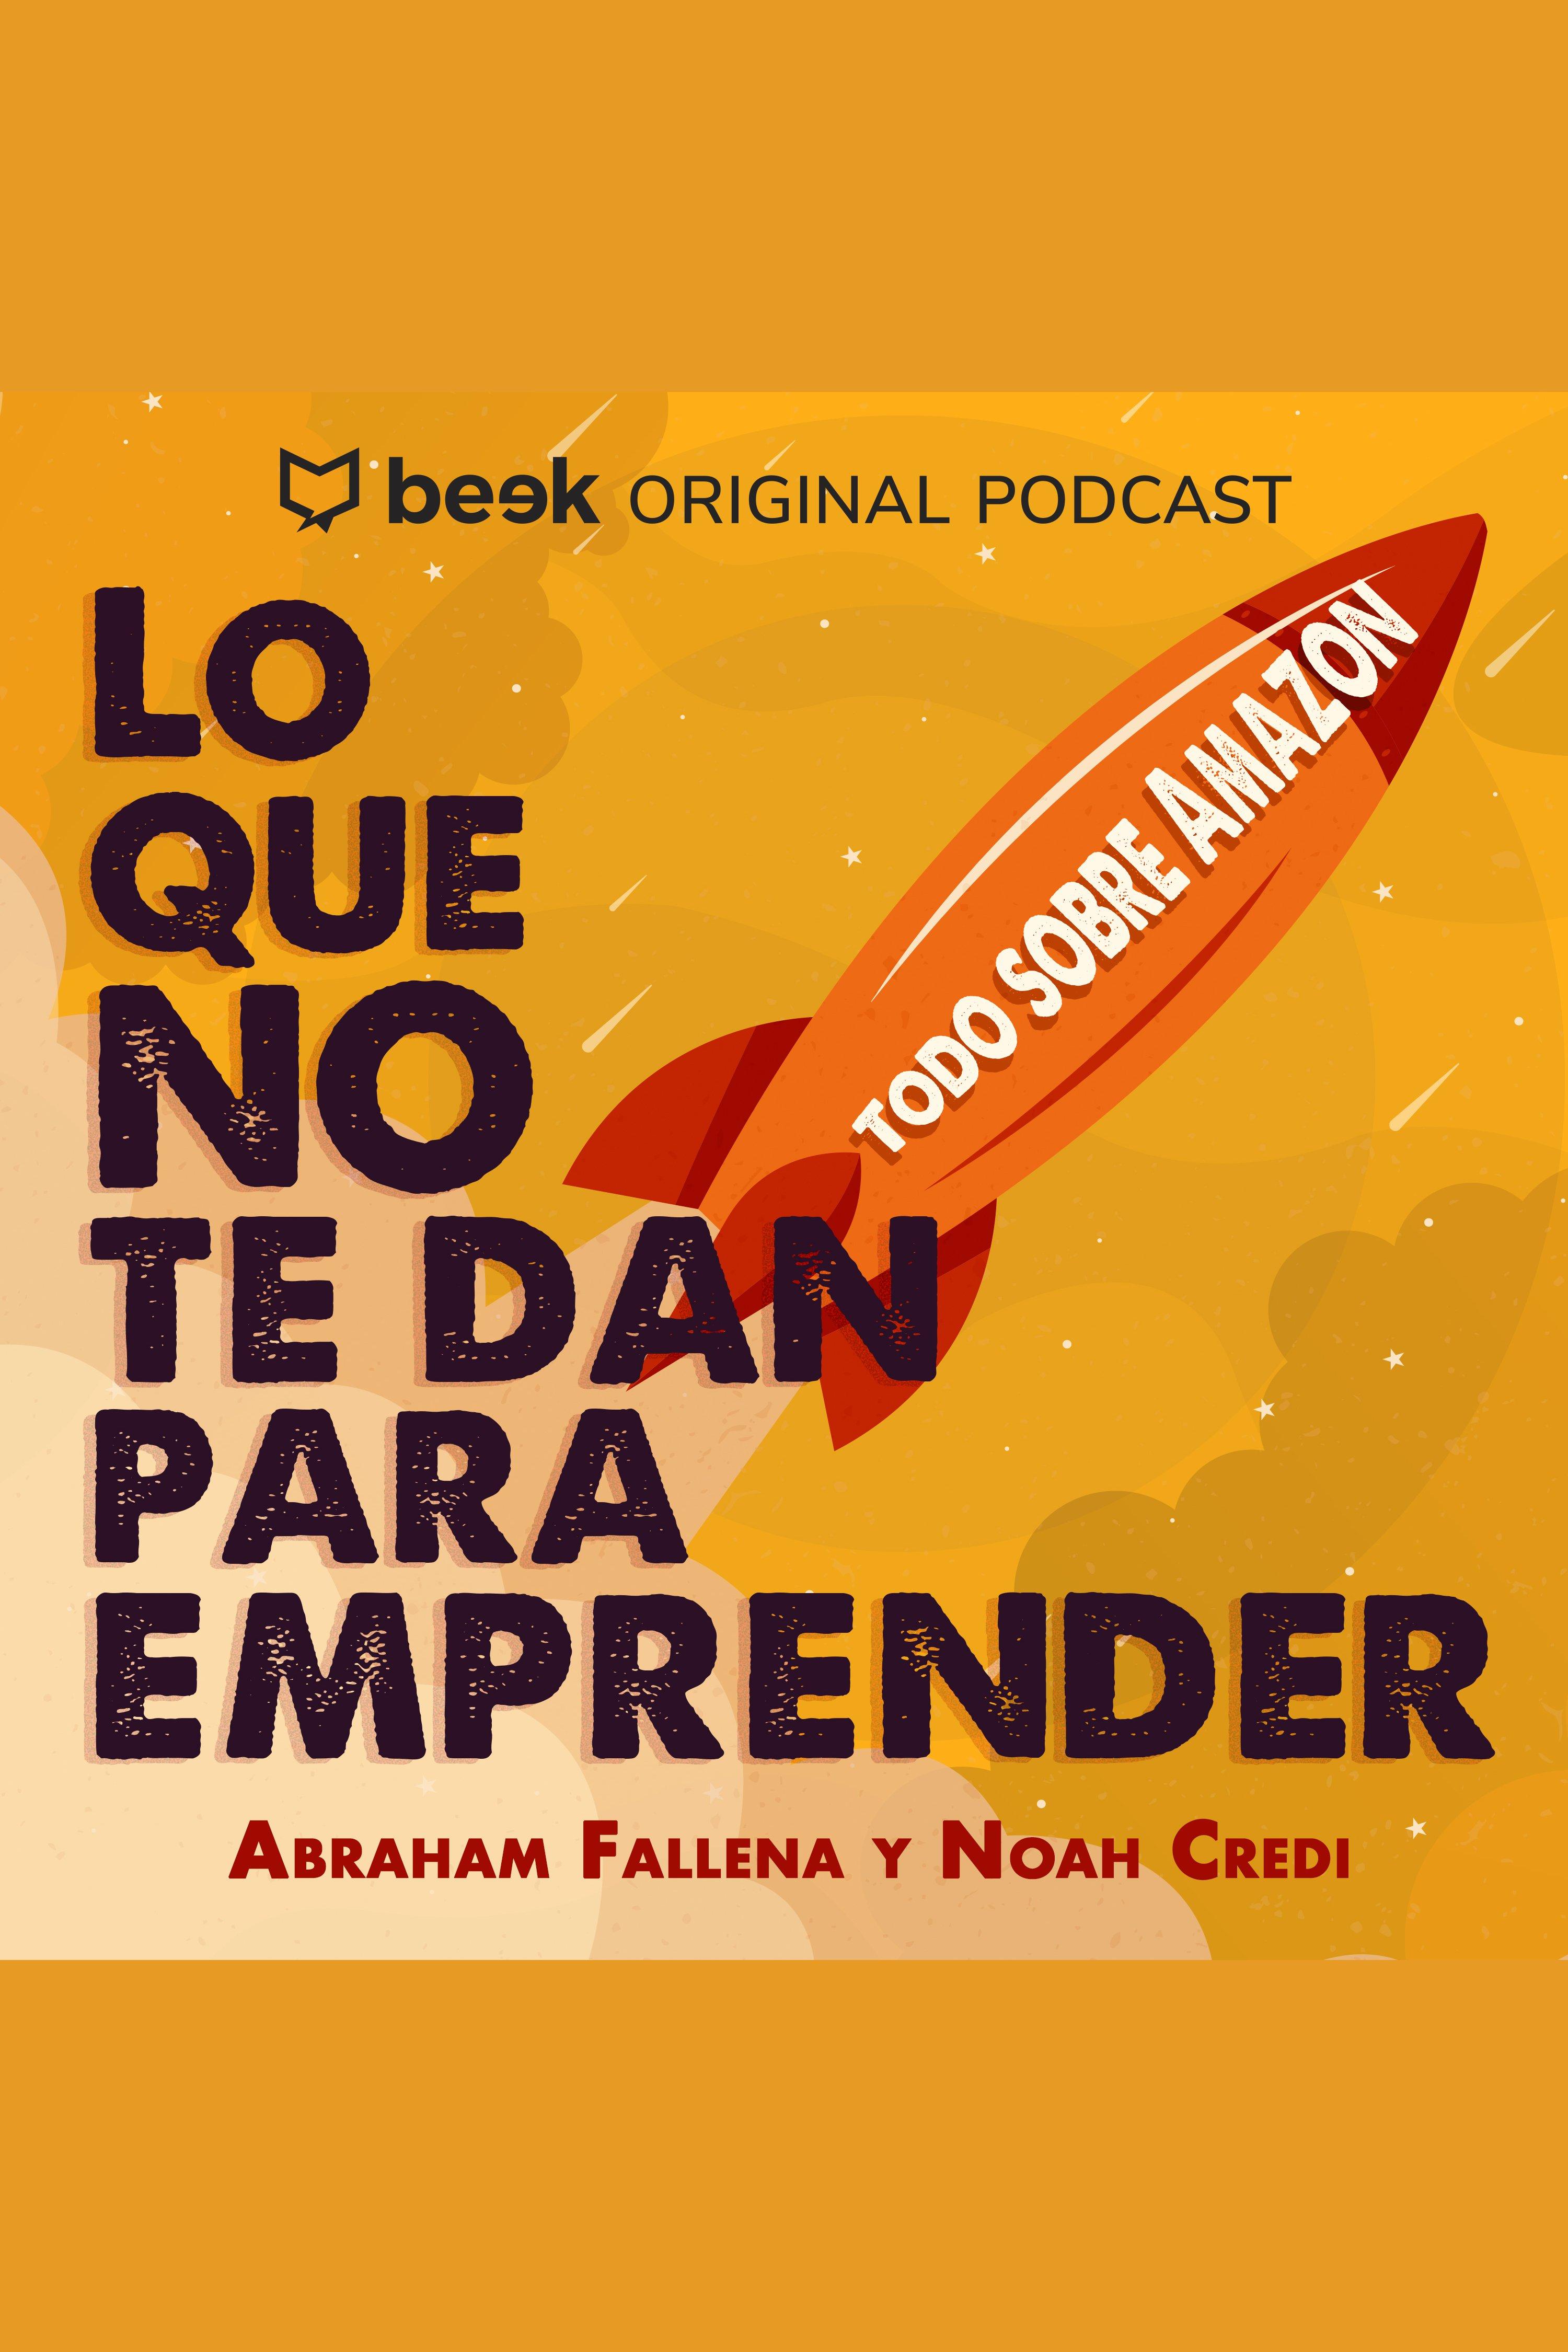 Esta es la portada del audiolibro Todo sobre Amazon